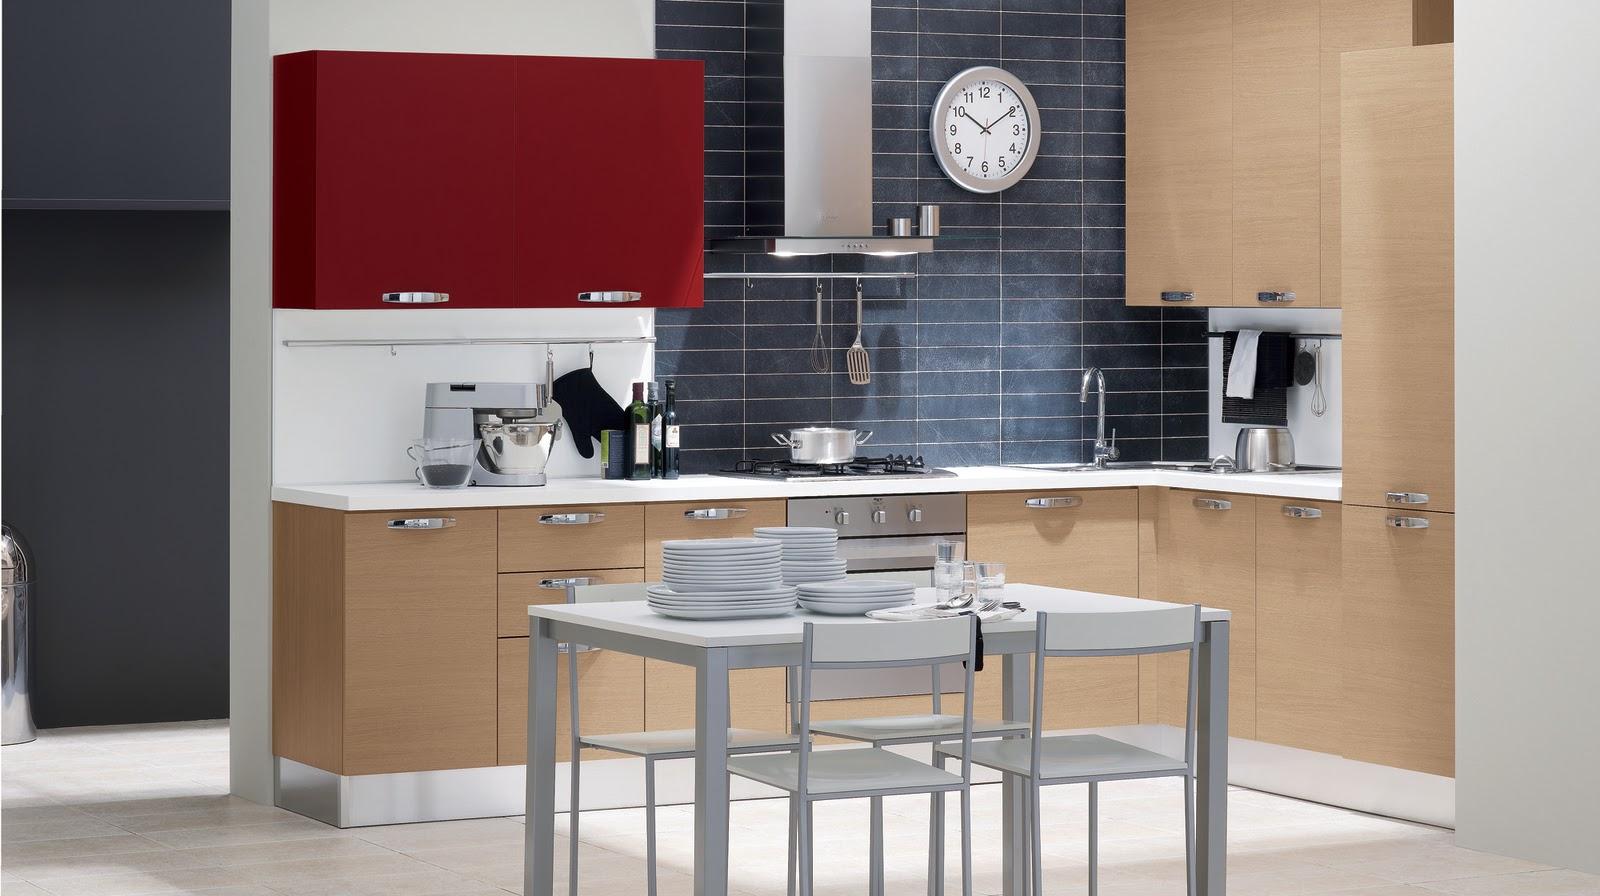 Ideas para decorar la cocina - Decoracion cocina pequena apartamento ...